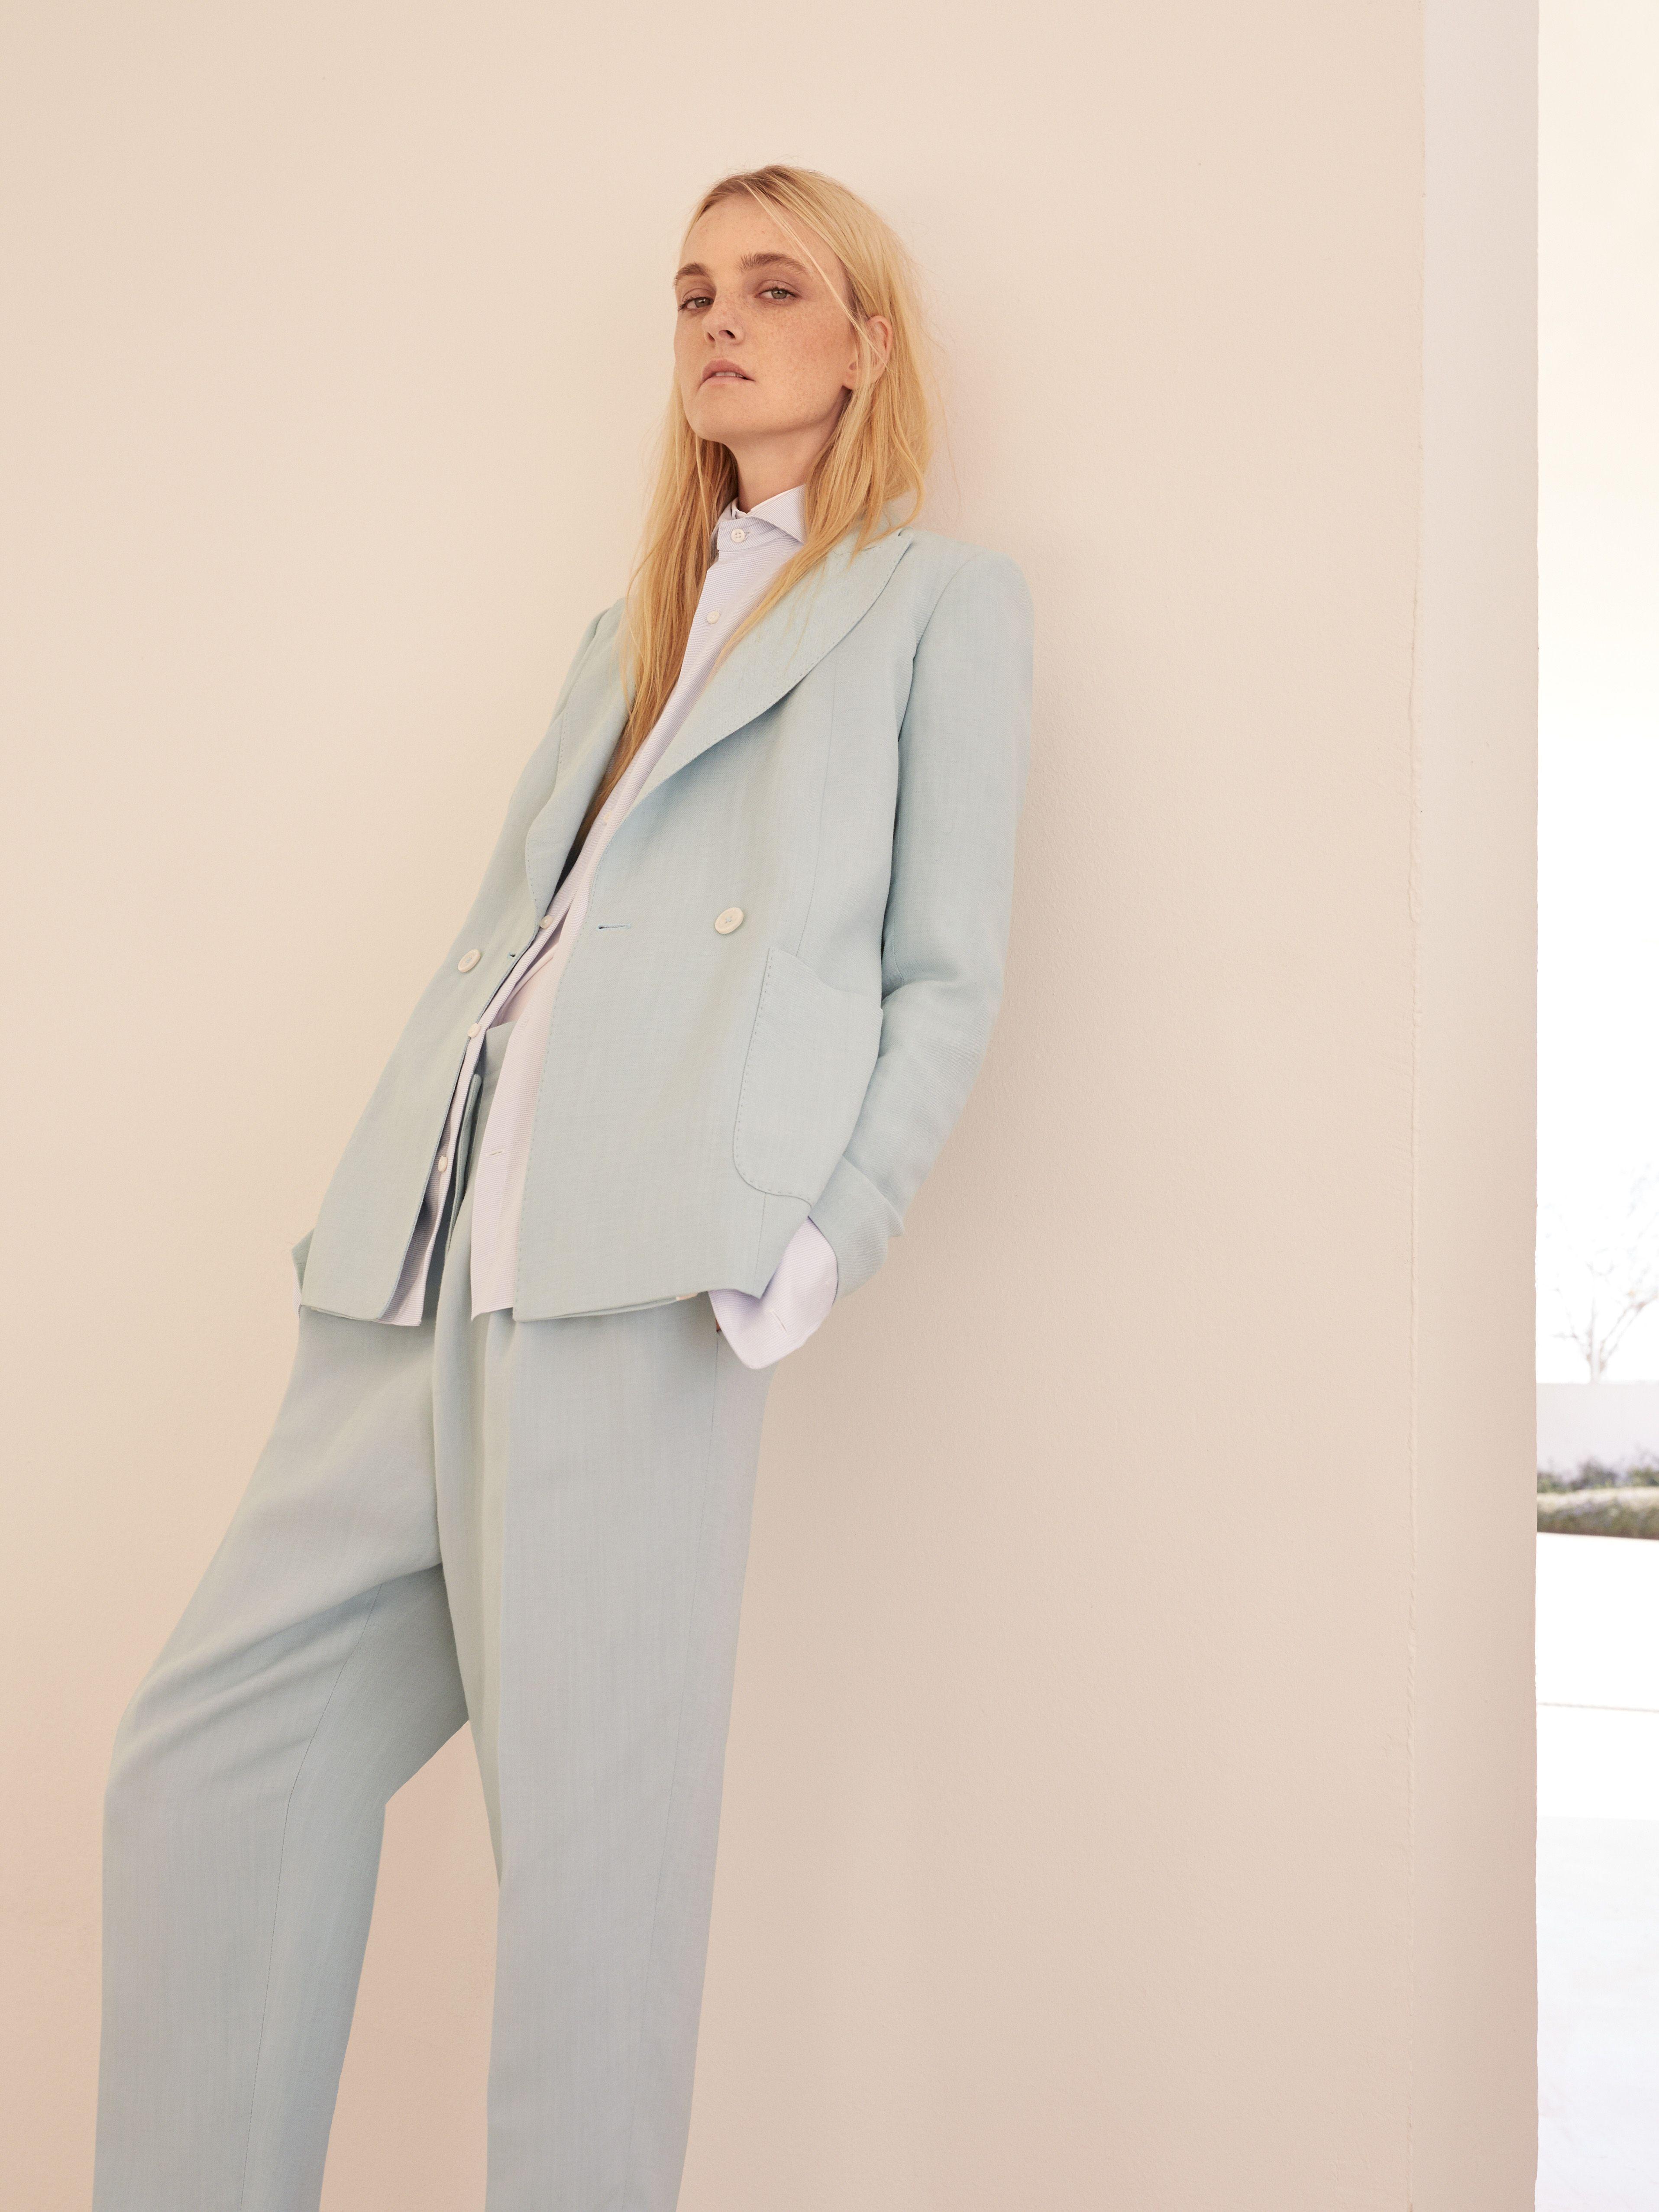 A woman in Suit - EDITORIAL - Massimo Dutti | La ...